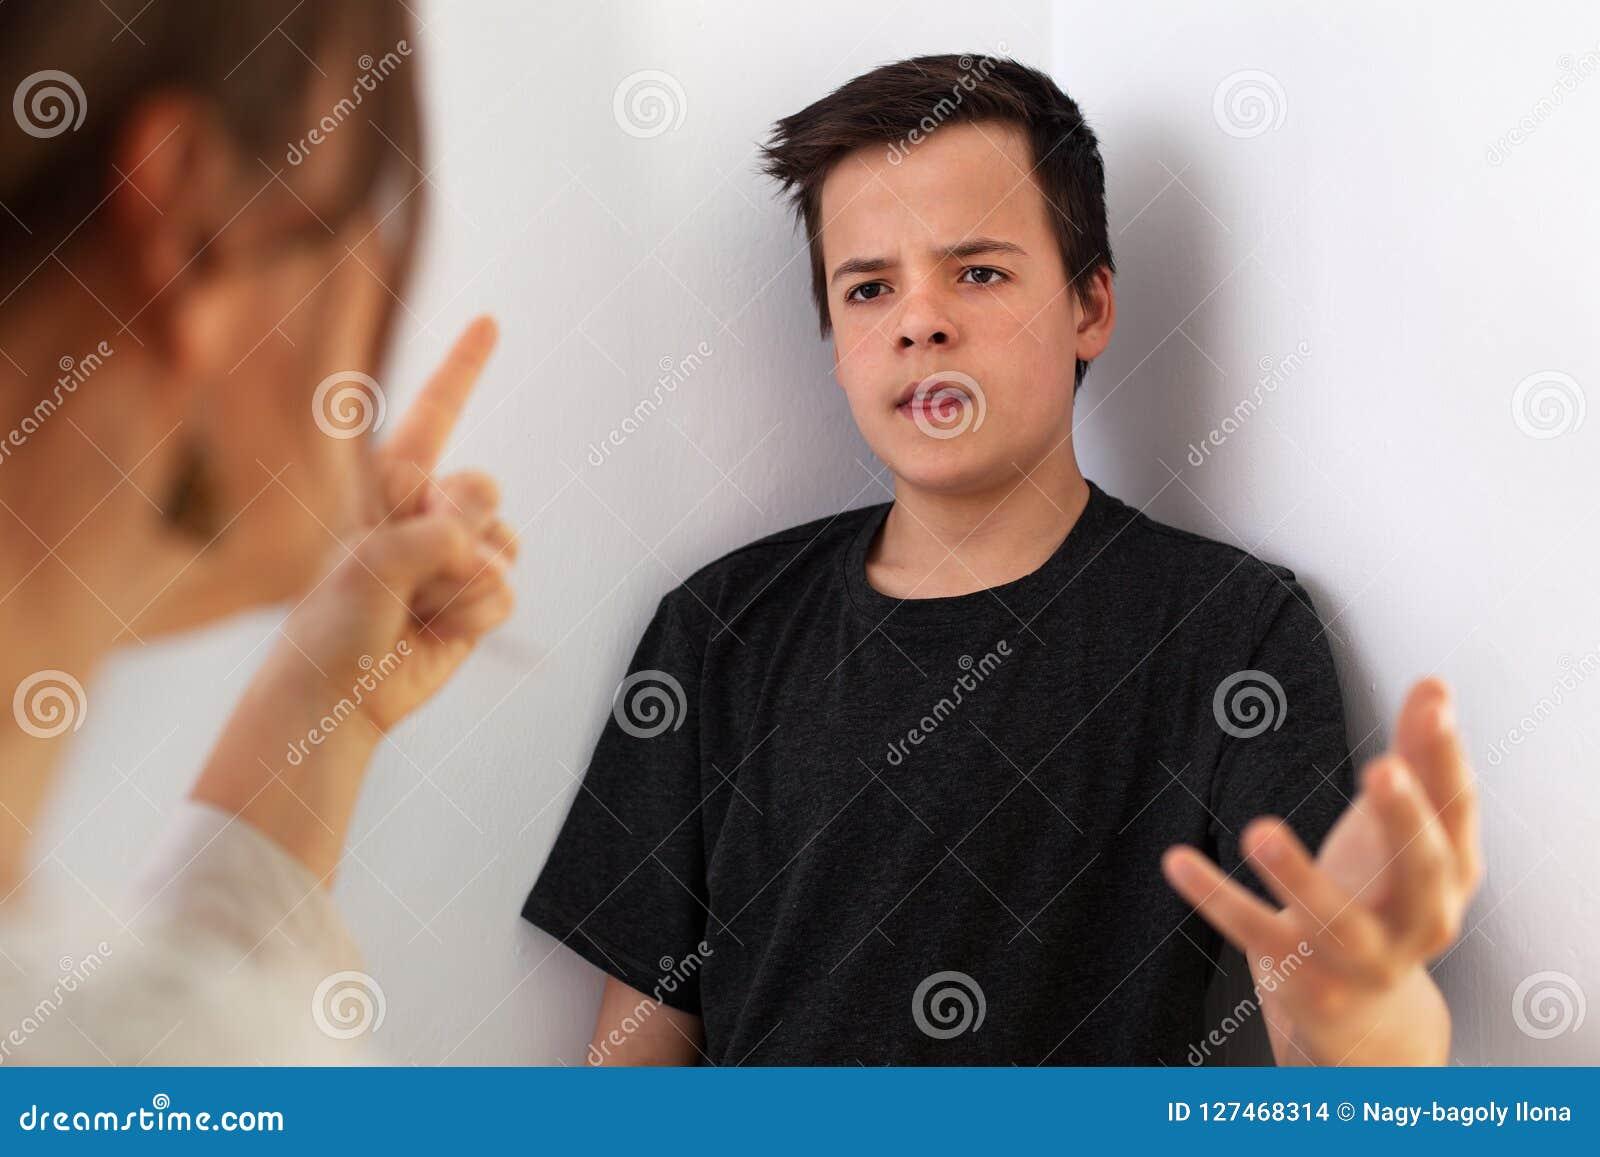 Frau Und Ihr Jugendlichsohn, Die Einen Streit Hat